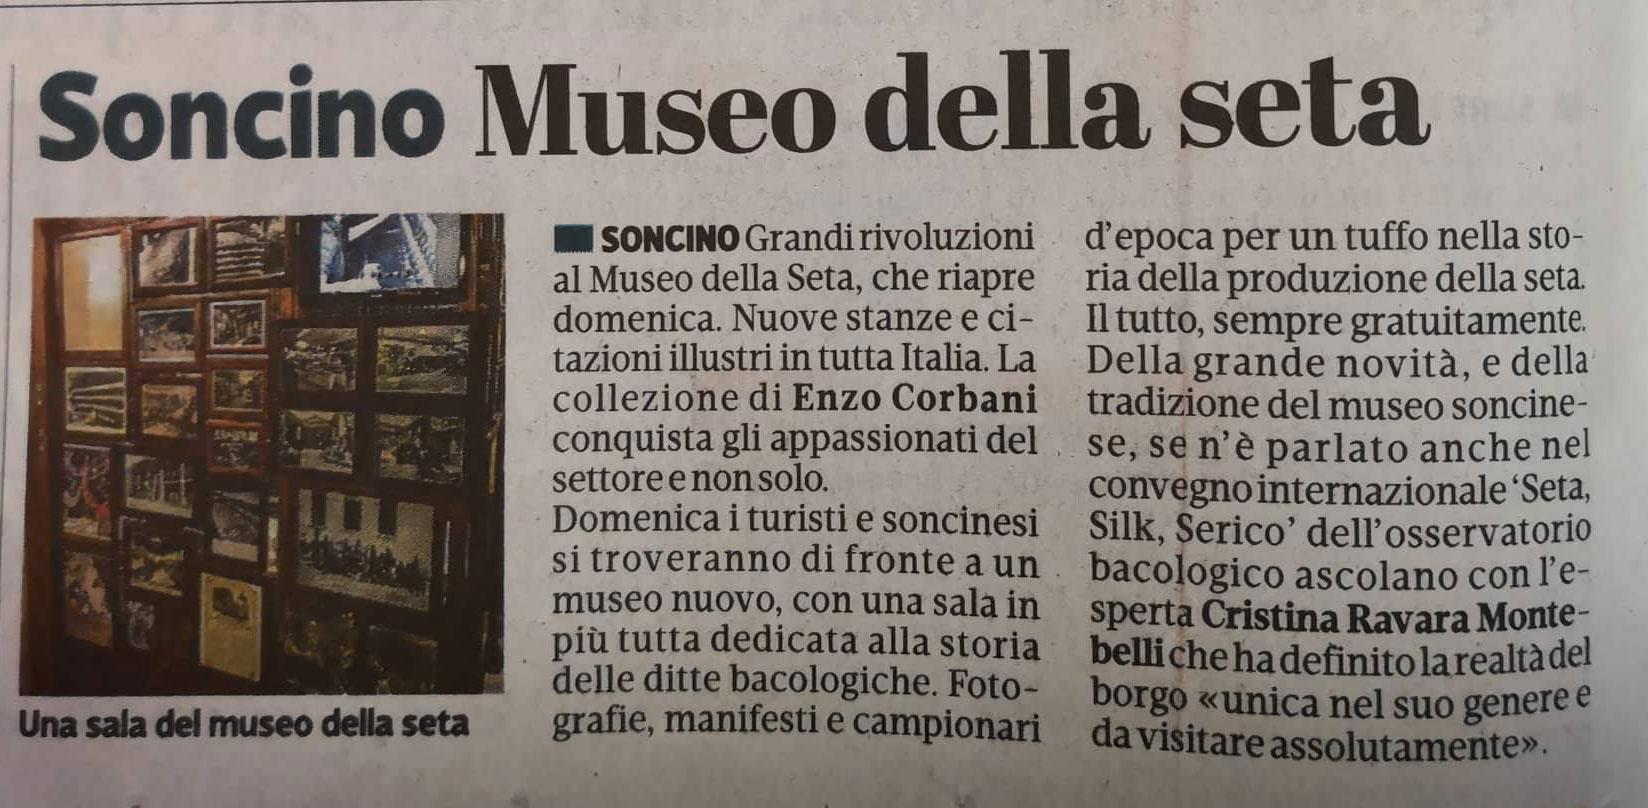 La Provincia di Cremona, Cremona 12-10-18 Cristina Ravara Montebelli sul Museo della seta di Soncino